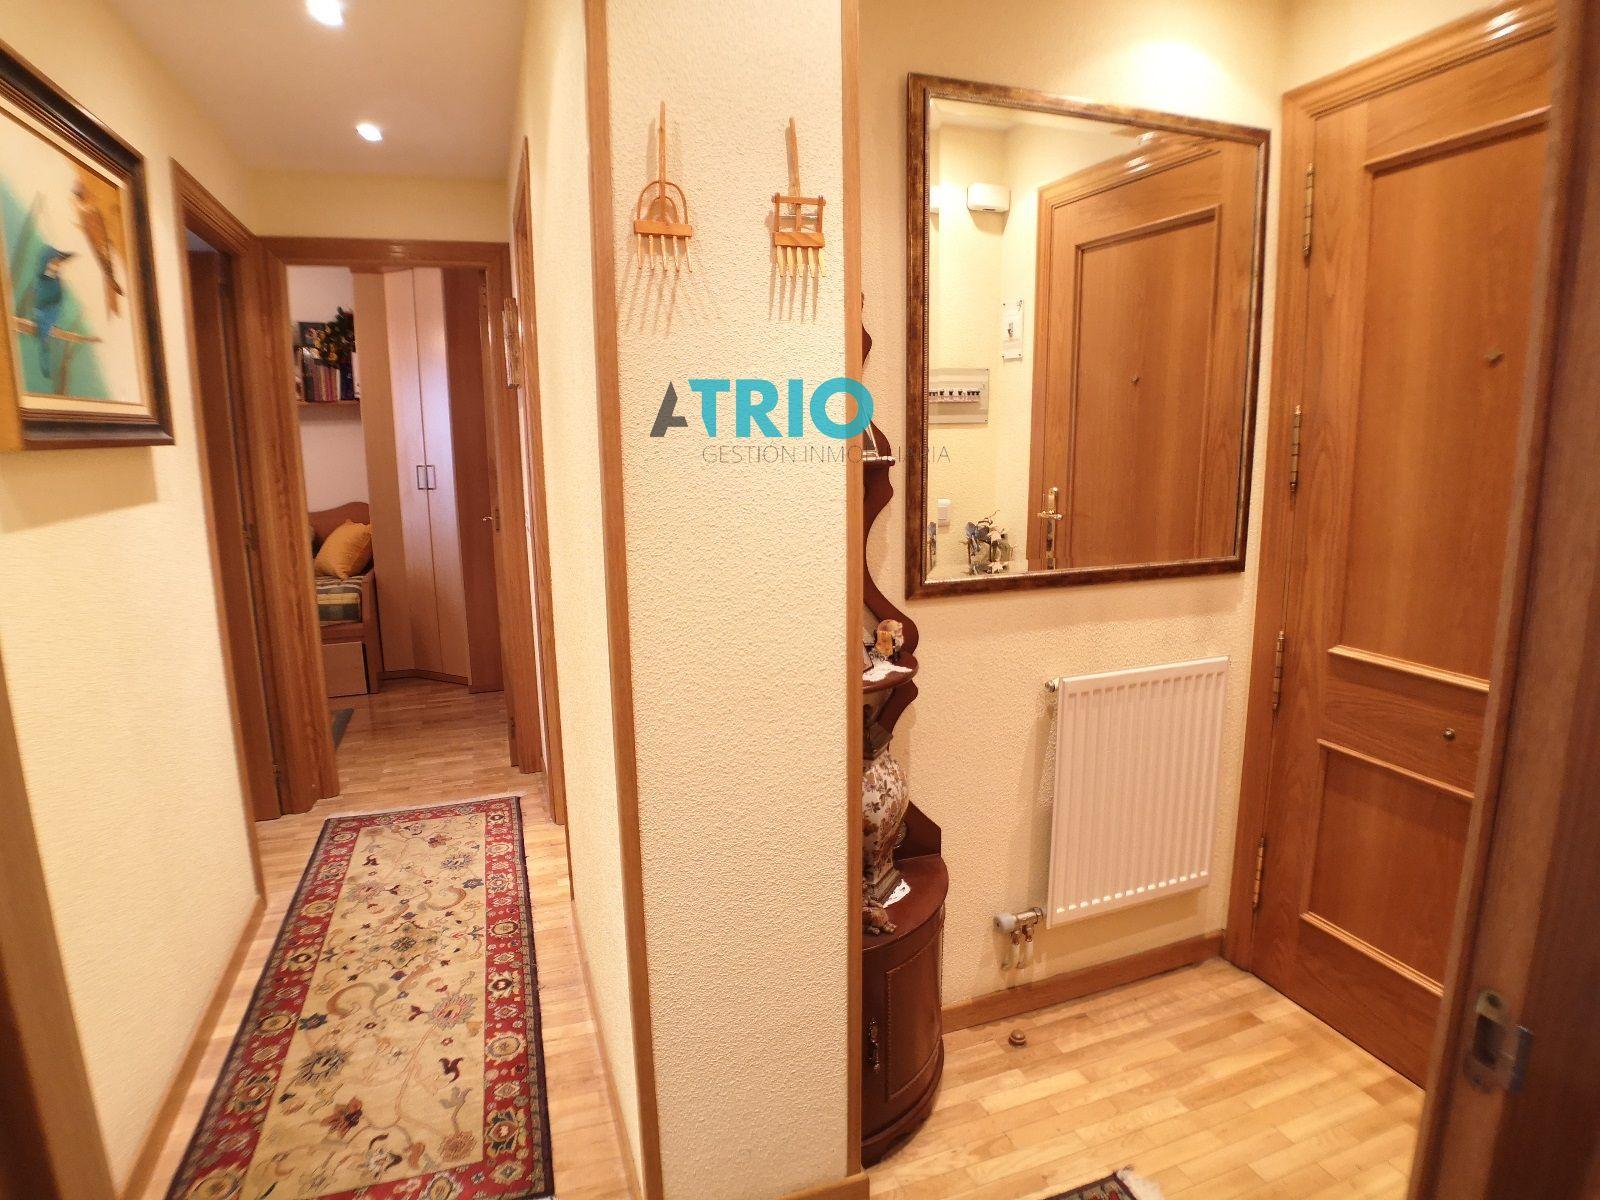 dia.mobiliagestion.es/Portals/inmoatrio/Images/6789/5035100